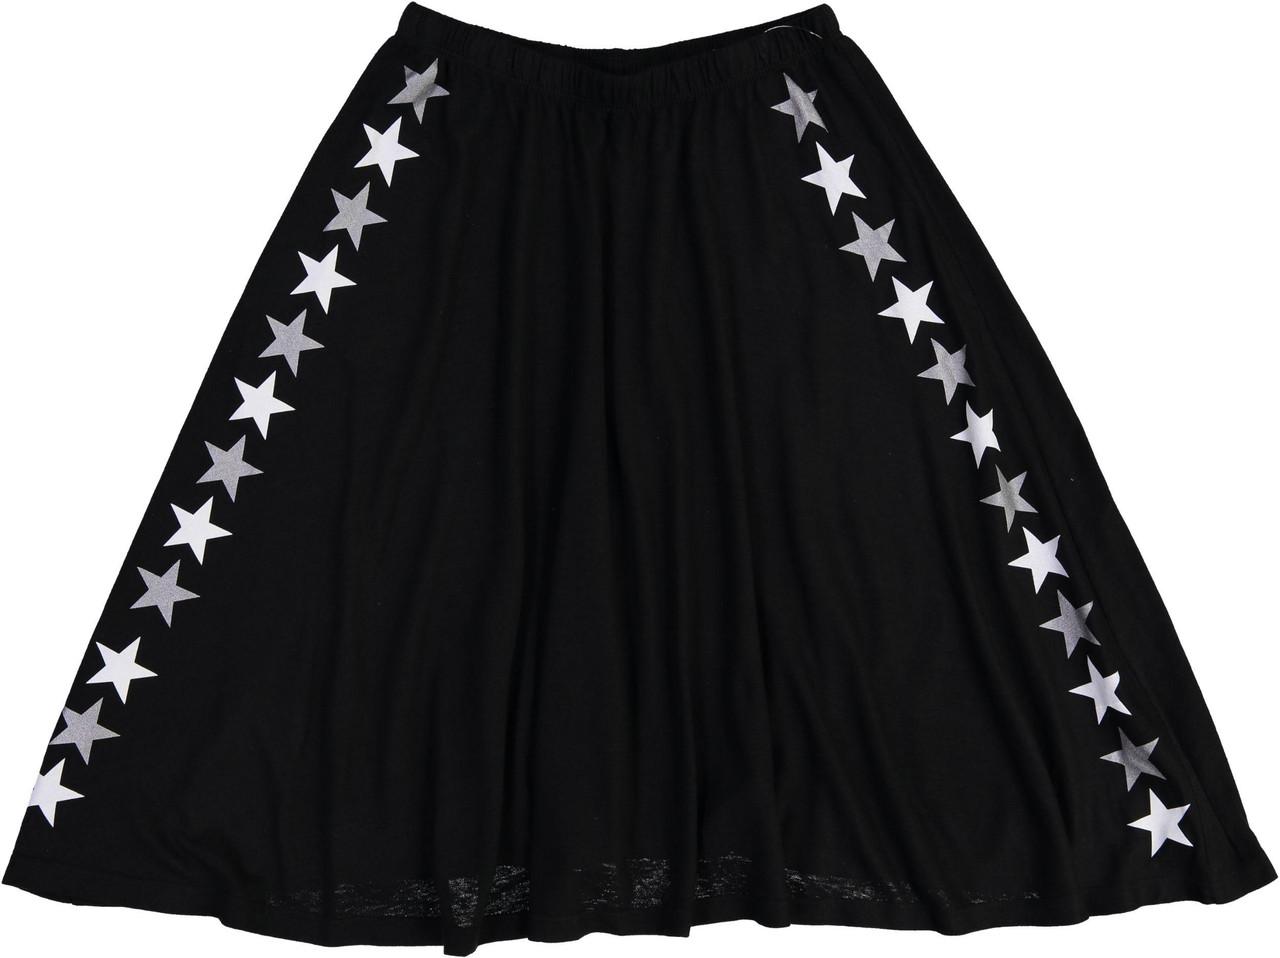 So Nikki Girls Star Skirt - 1257K-P714B